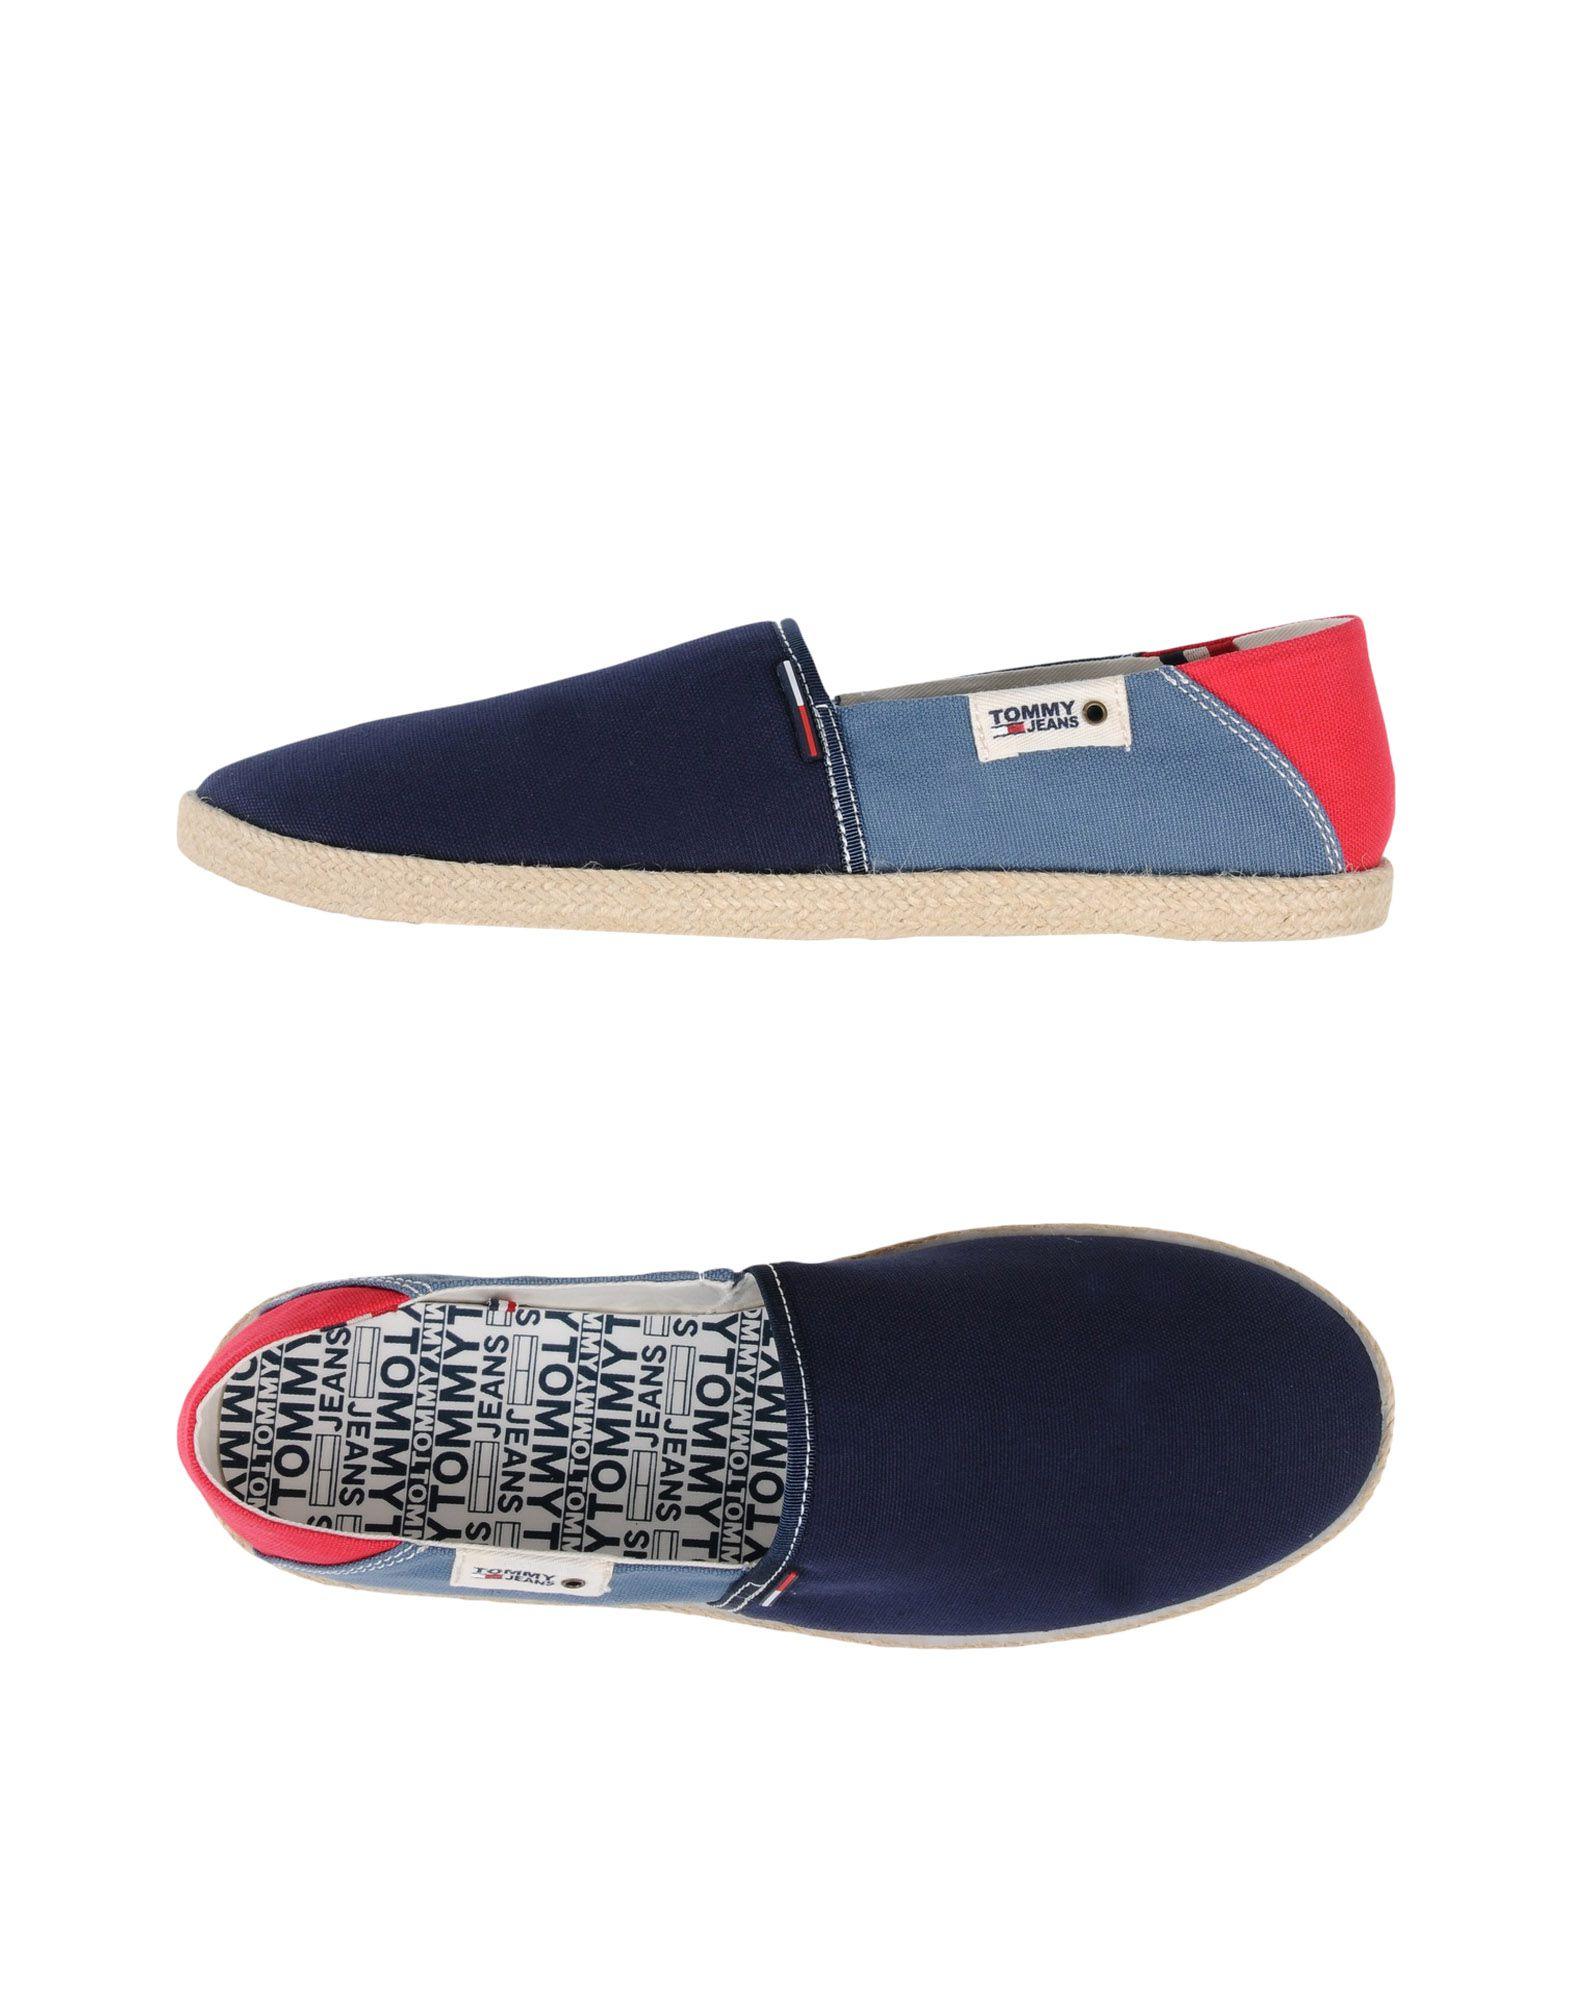 Espadrilles Tommy Jeans Tommy J. Summer Slip On Shoe - Homme - Espadrilles Tommy Jeans sur